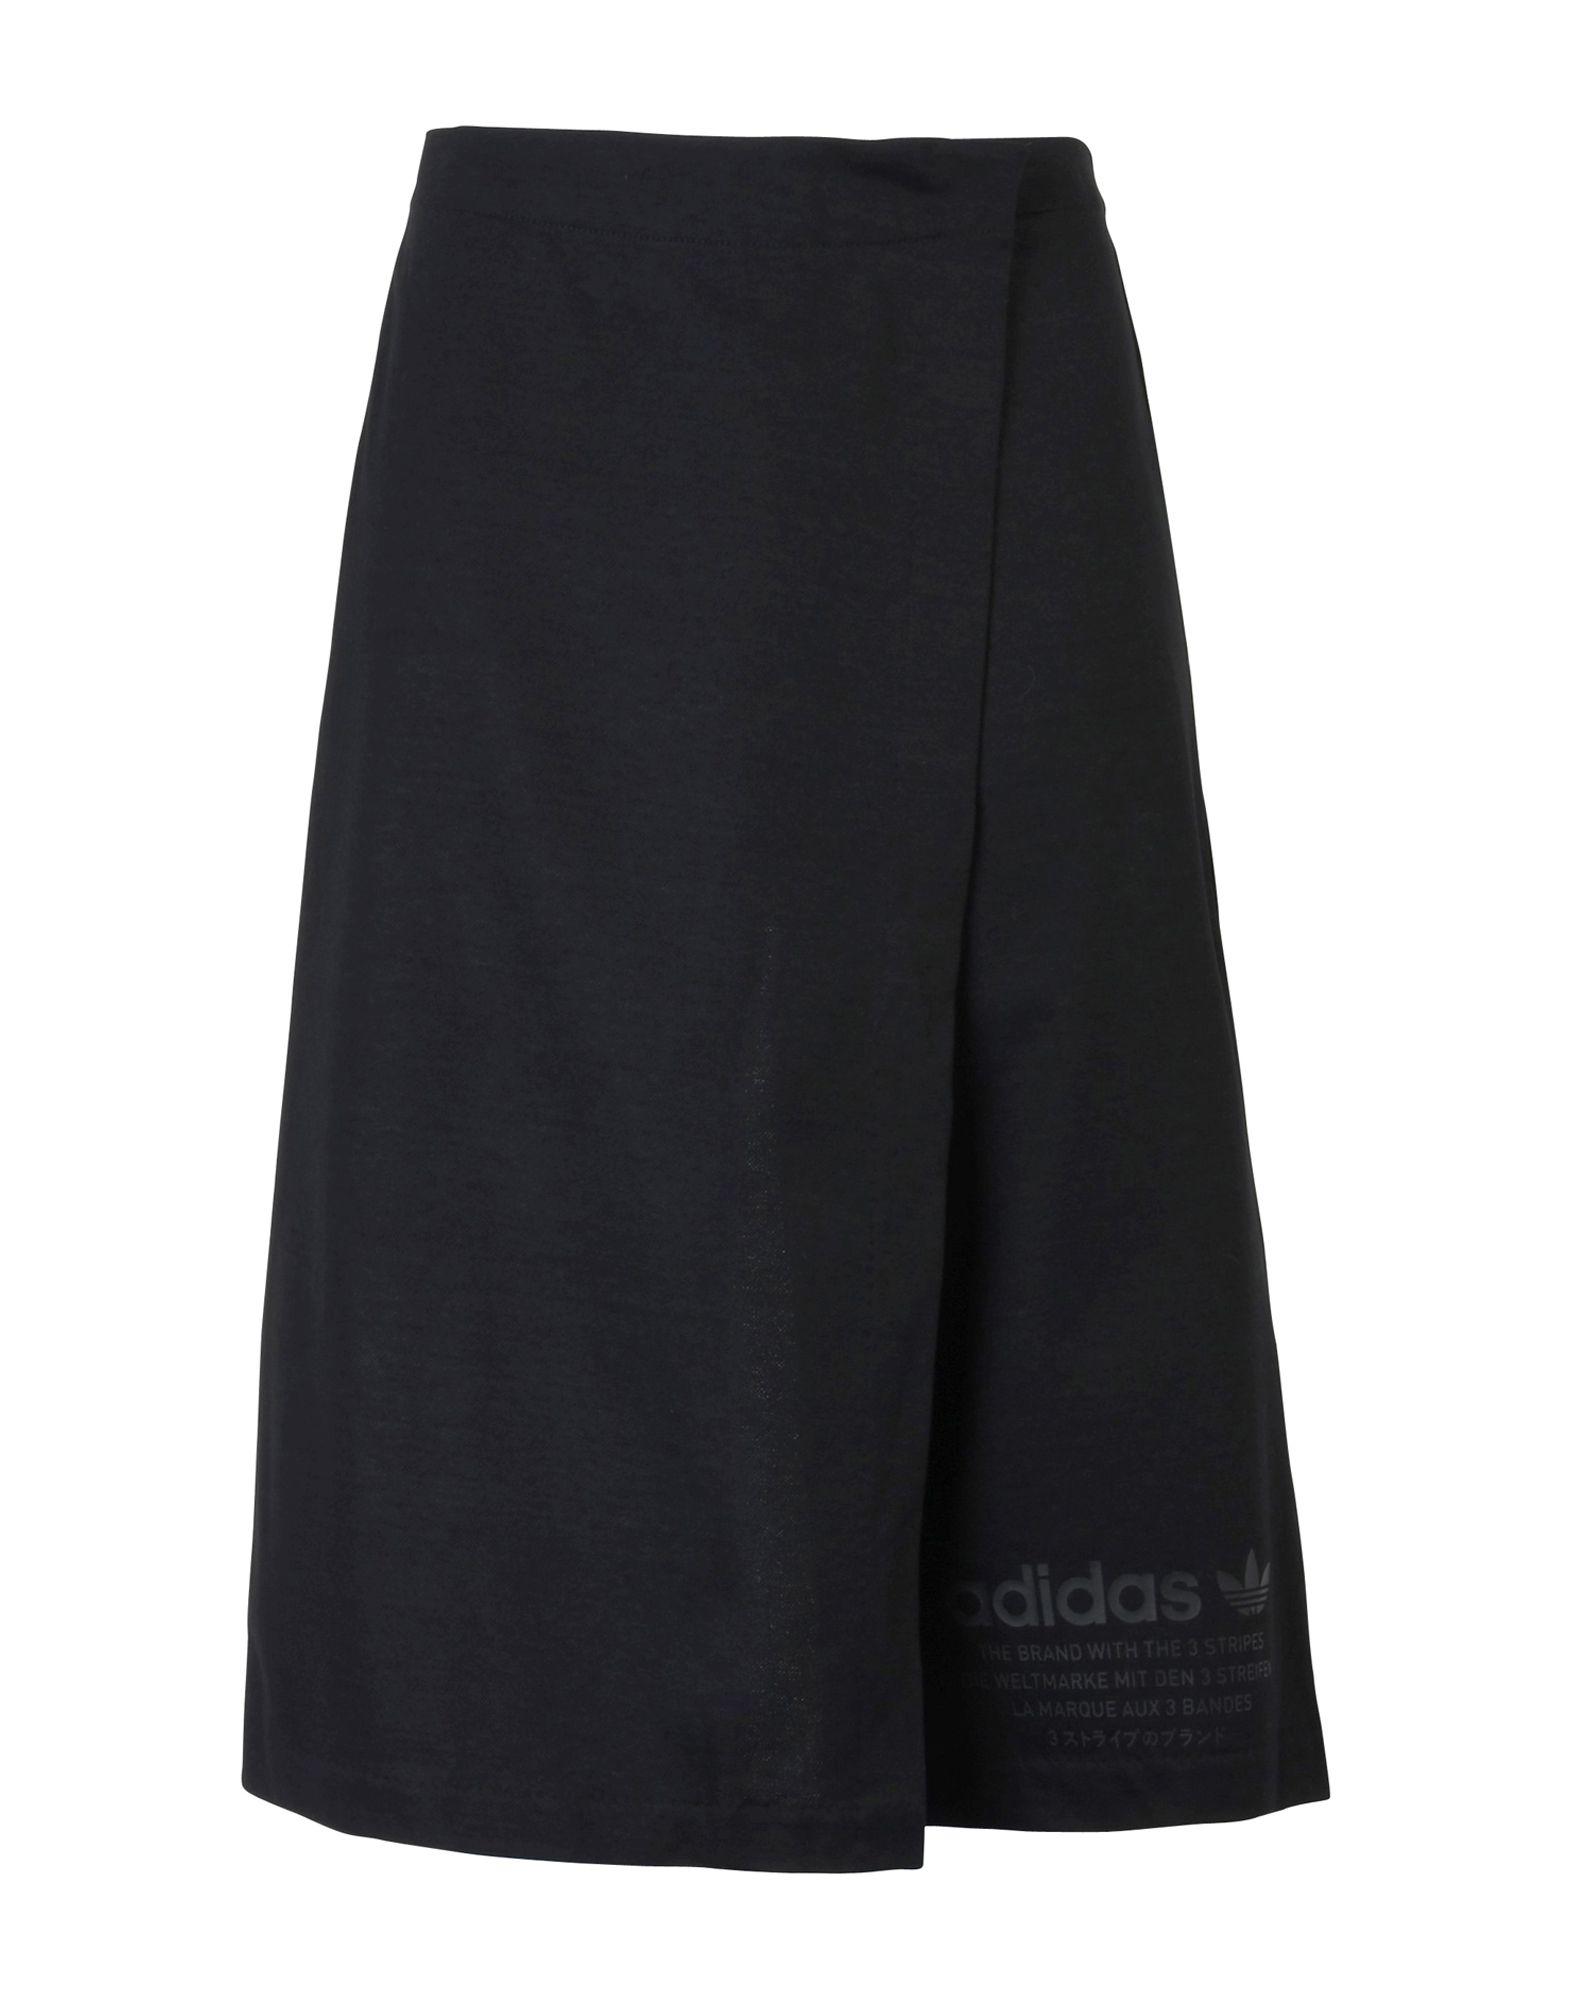 ADIDAS ORIGINALS Юбка длиной 3/4 adidas originals мини юбка